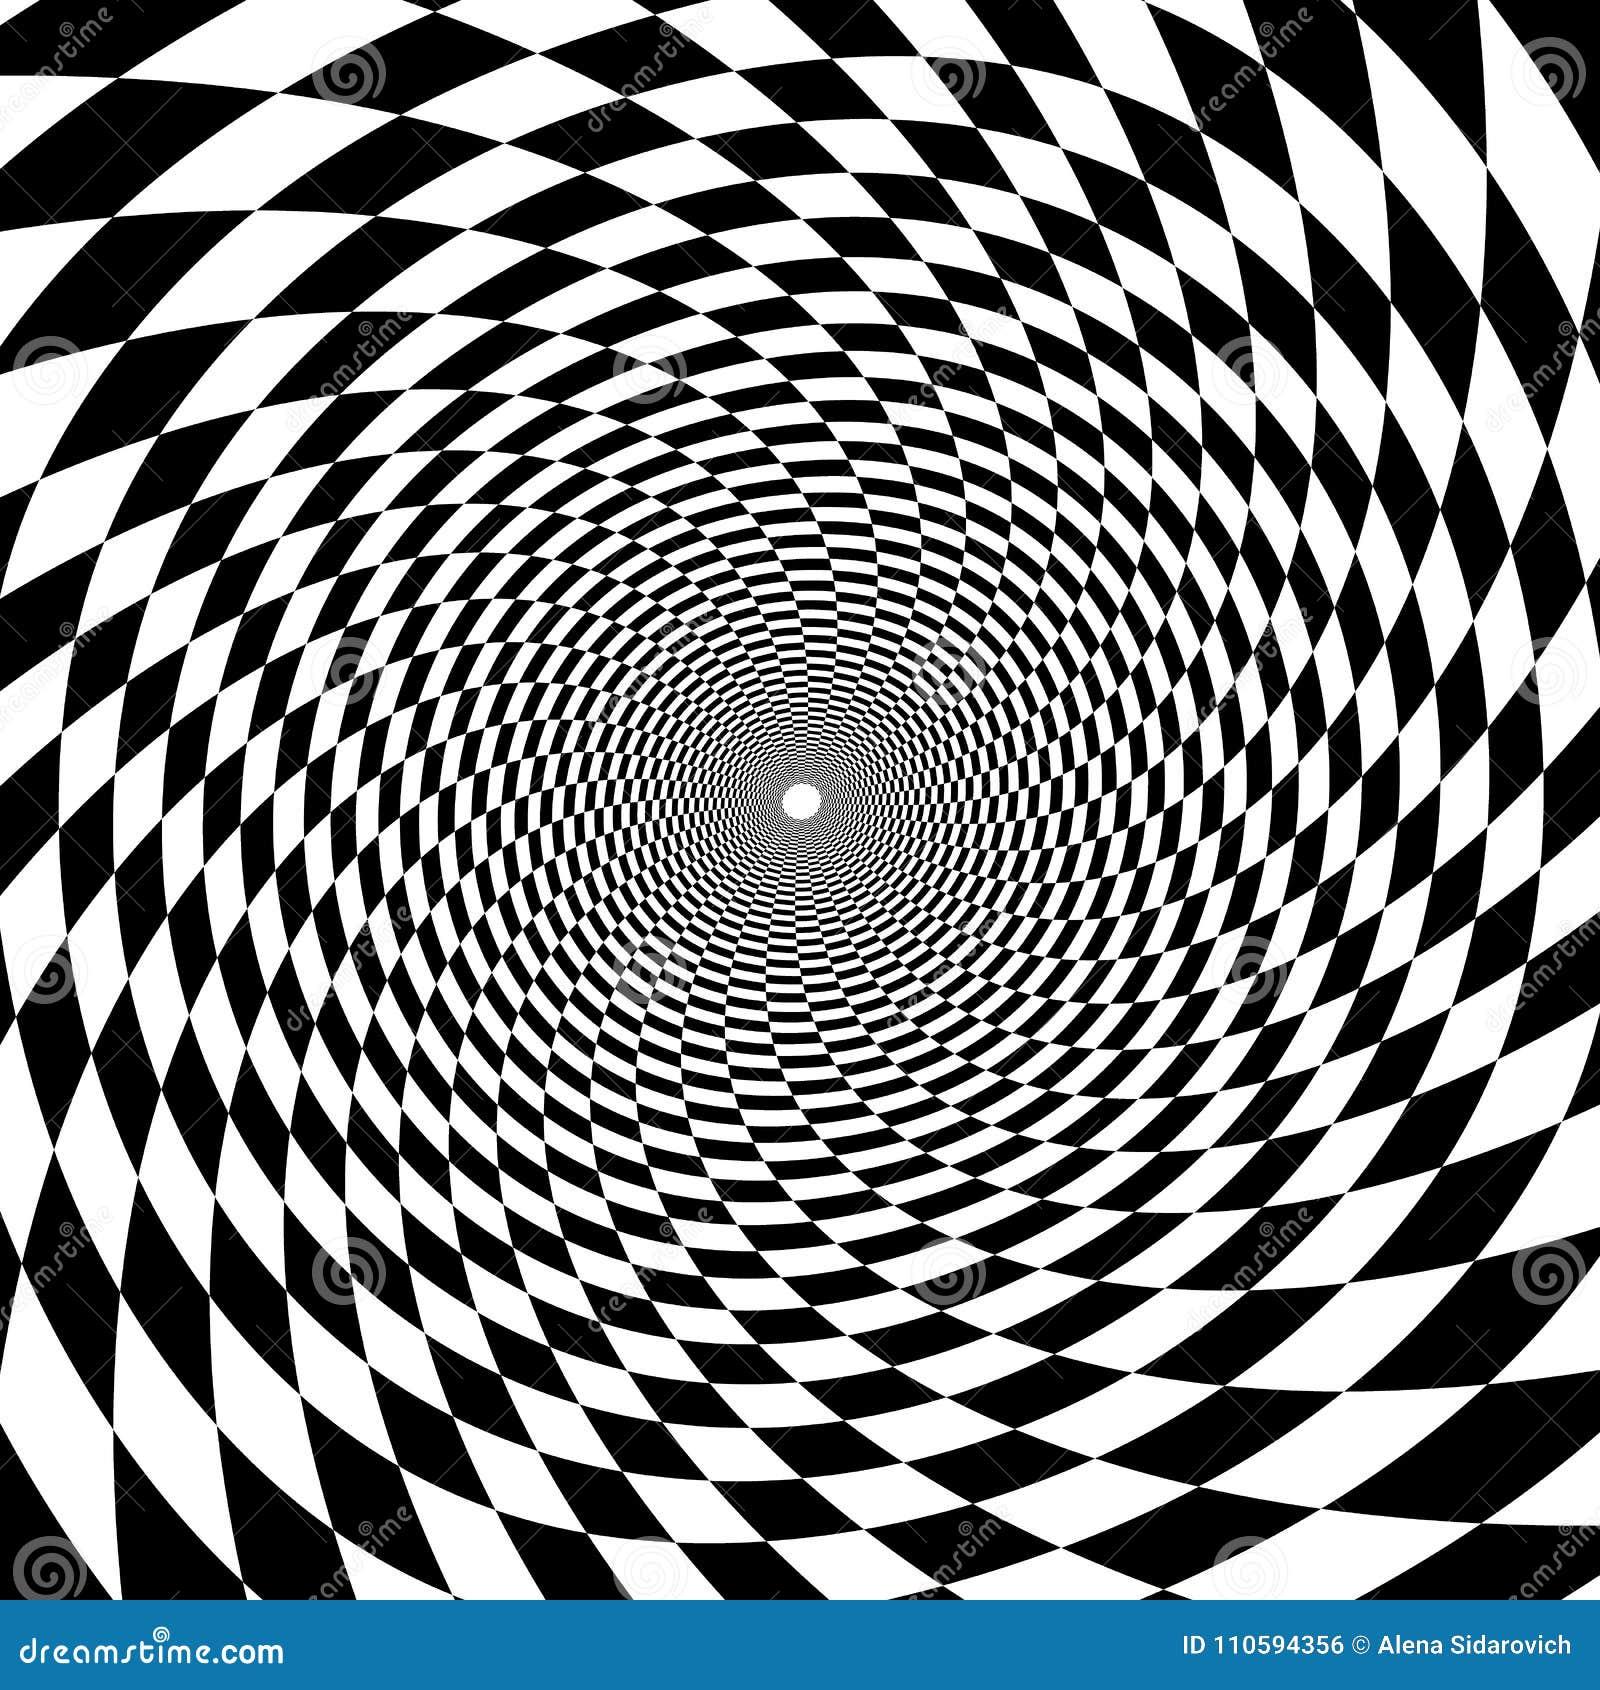 Túnel psicodélico, modelo en blanco y negro, triunfo del tablero de ajedrez